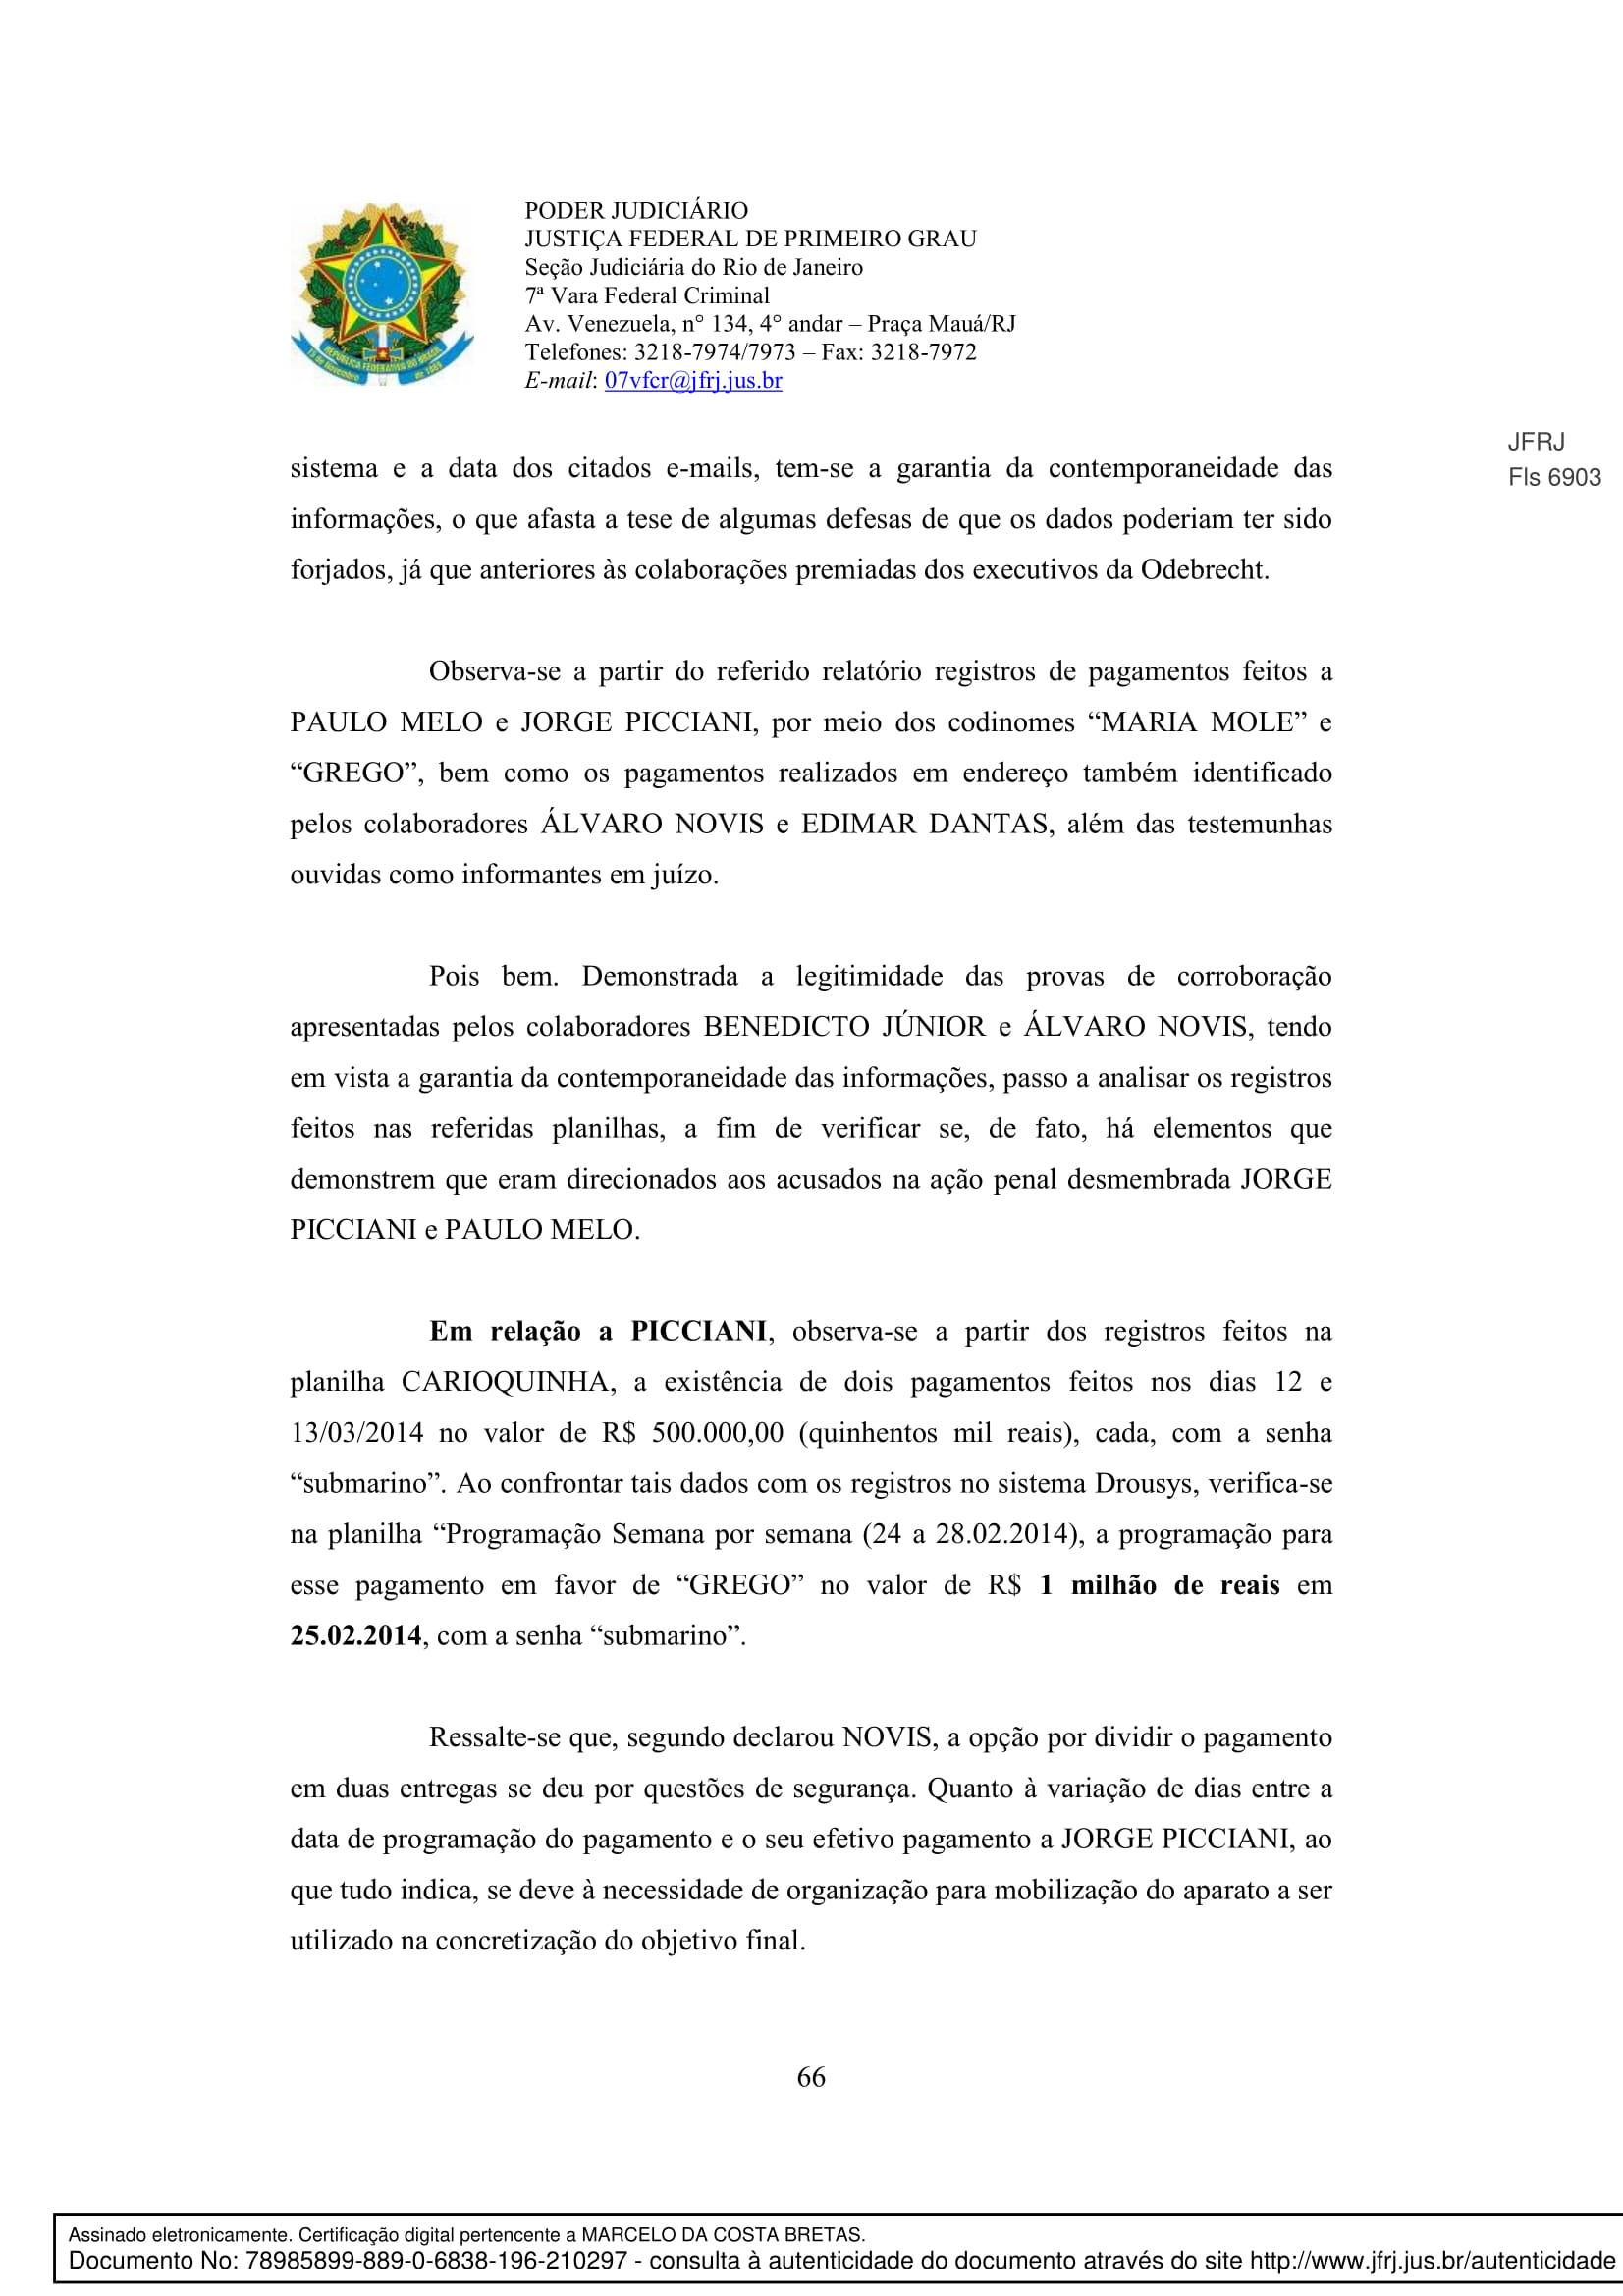 Sentenca-Cadeia-Velha-7VFC-066